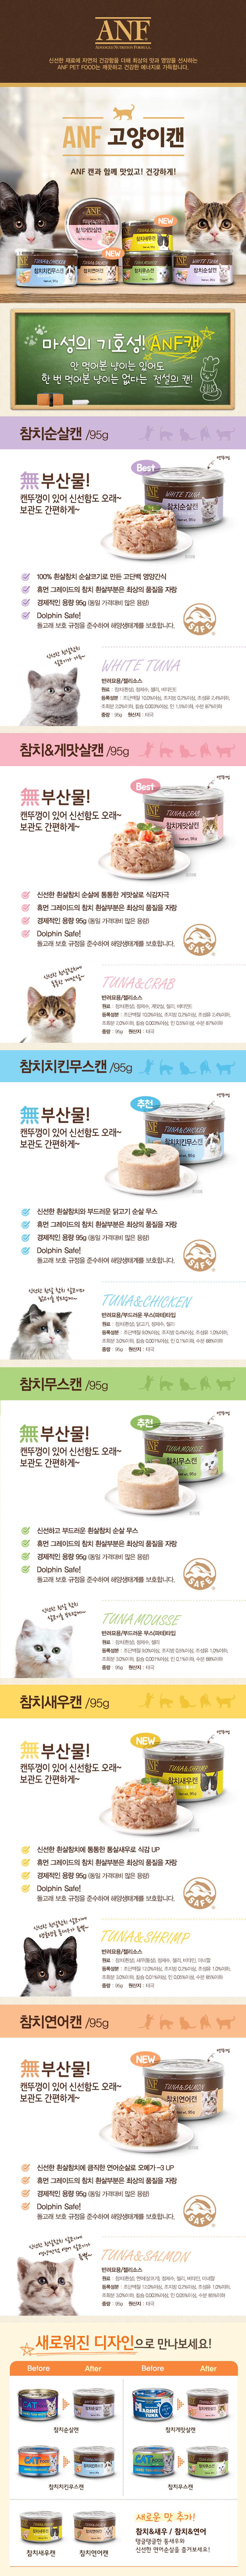 ANF 참치새우 고양이캔 95g x 12개 - 스토어봄, 16,800원, 간식/캣닢, 캔